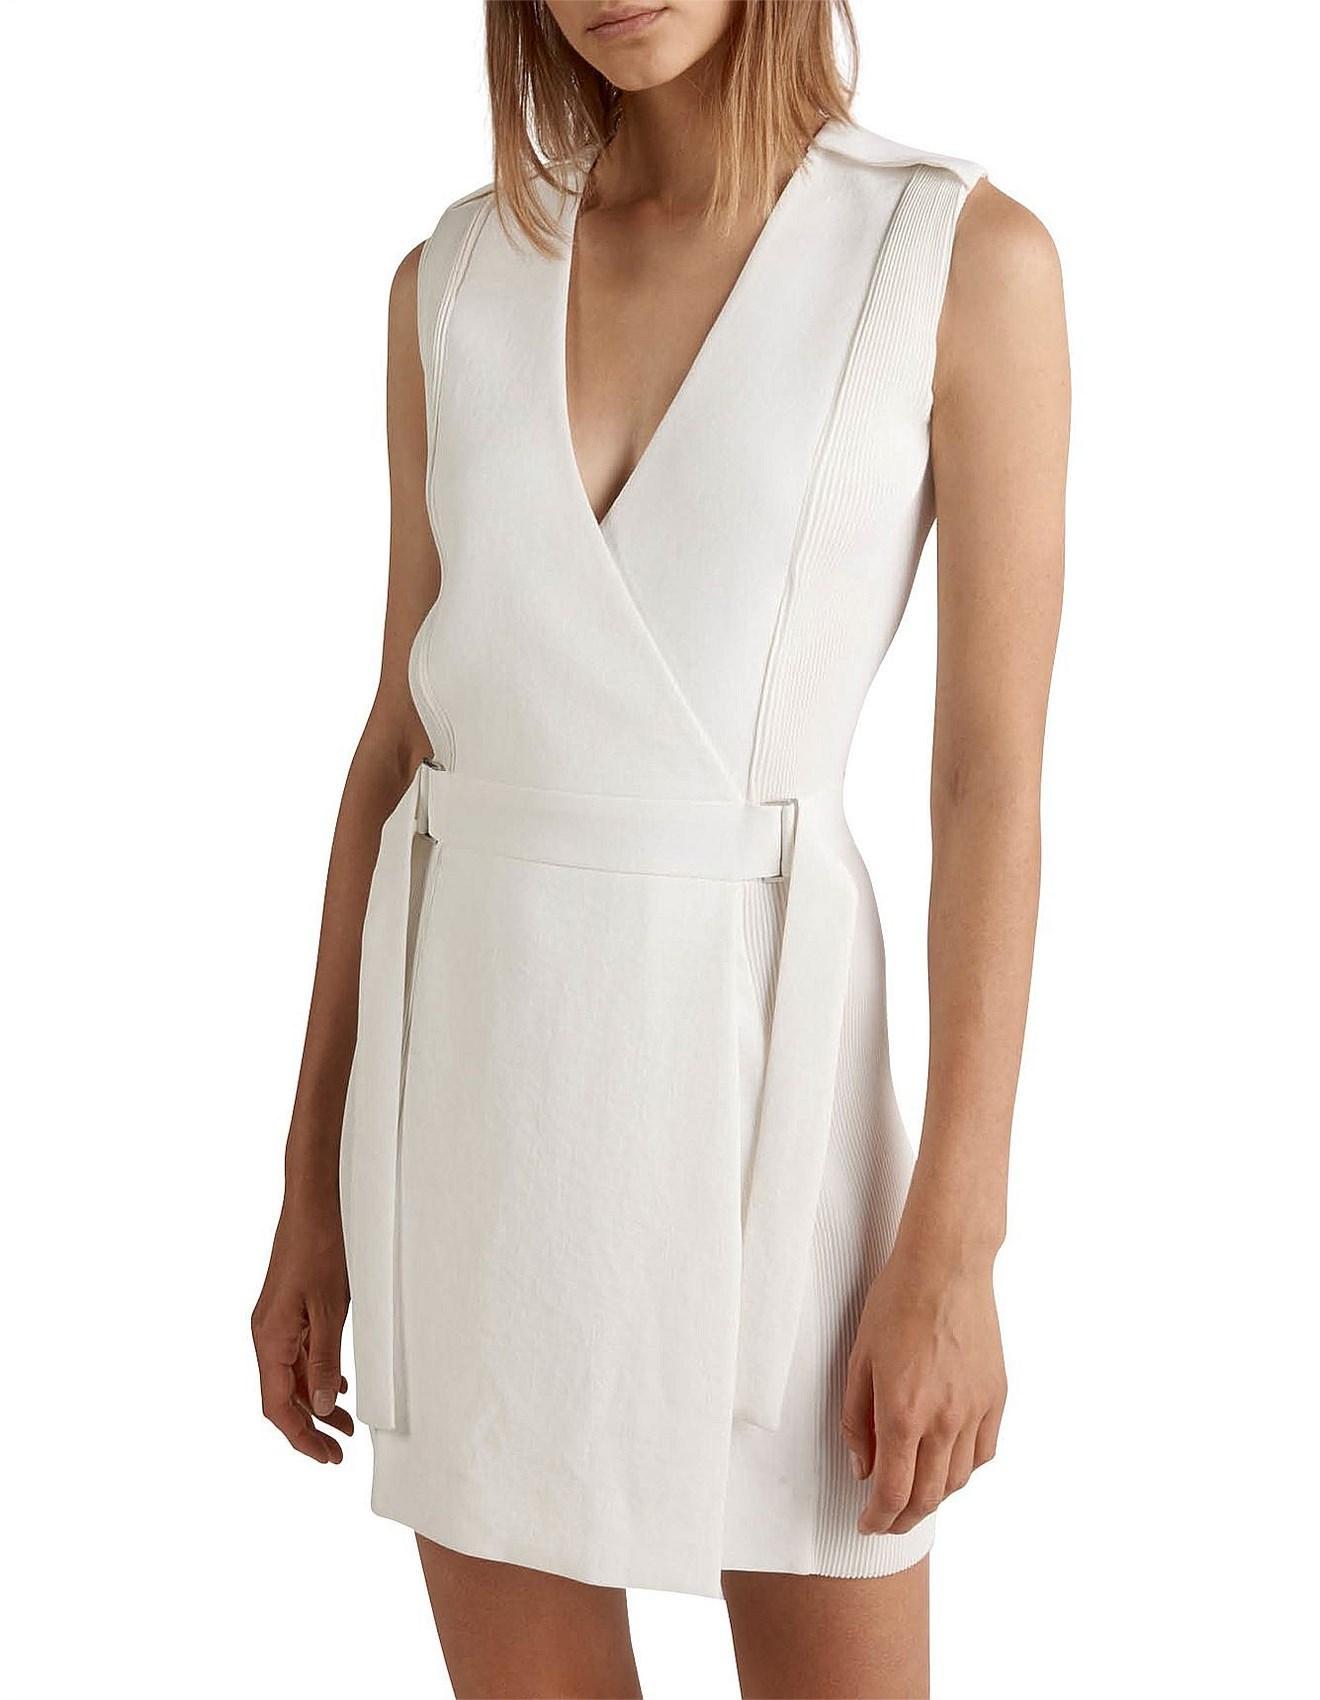 b428c0d9b0 Dion Lee Corrugated Pleat Mini Dress in White - Lyst